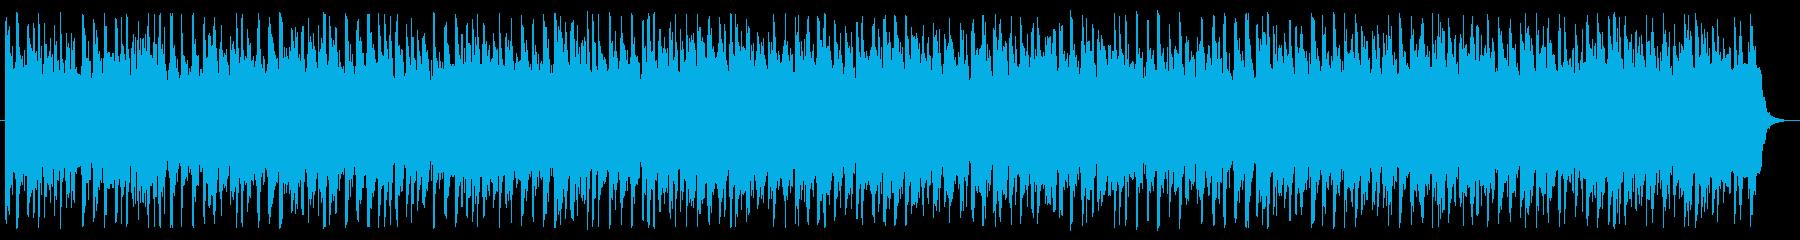 急ぐシーンで流れるBGMの再生済みの波形